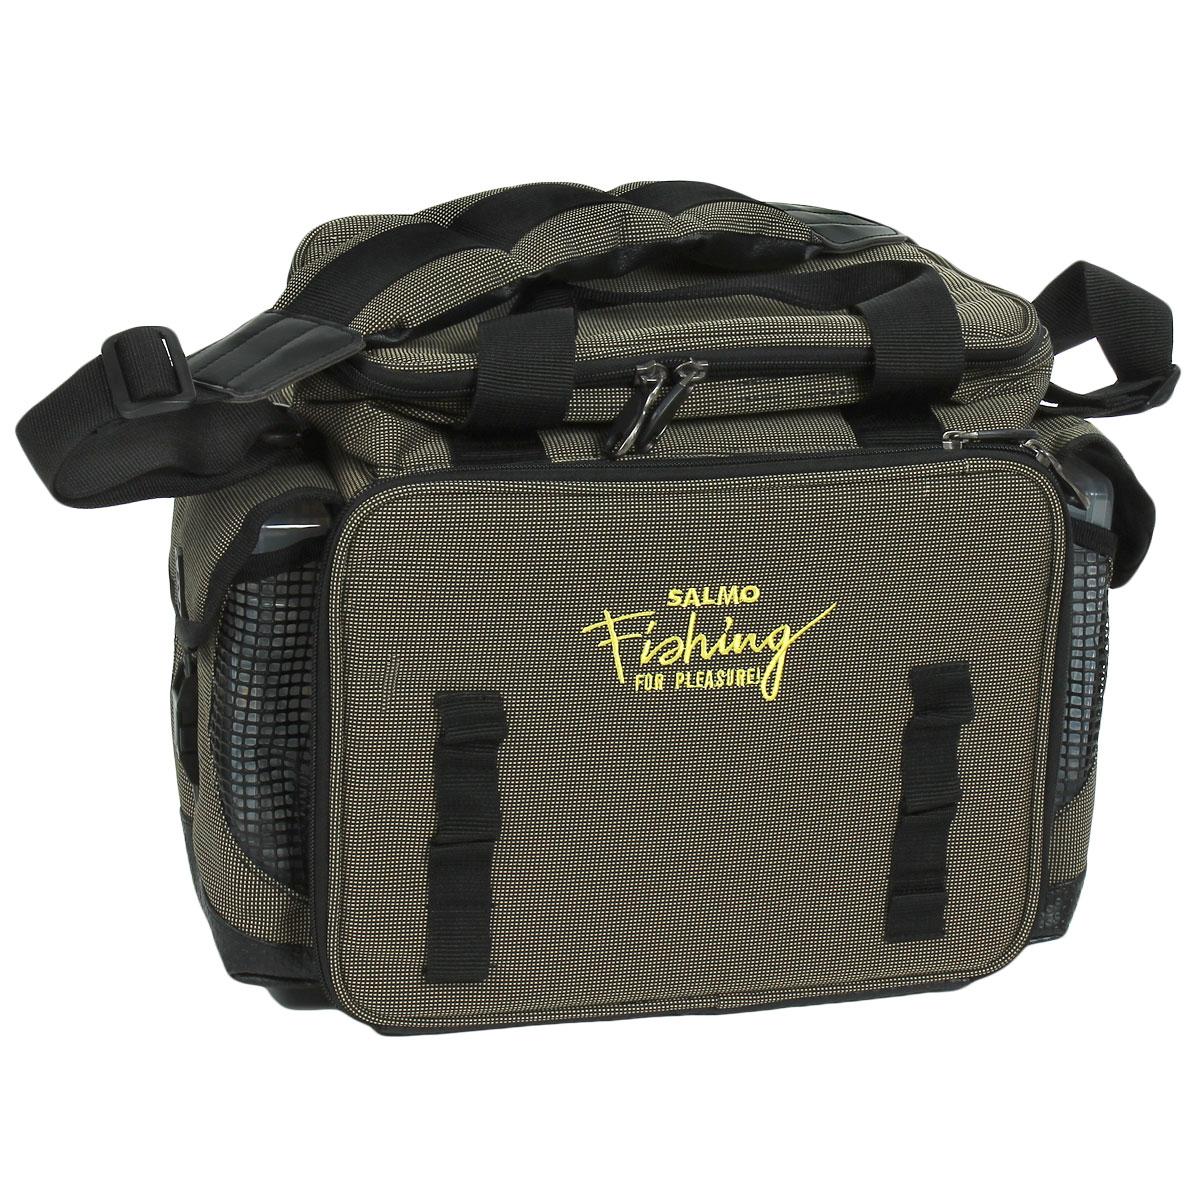 Сумка рыболовная Salmo 09, цвет: серый162Удобная сумка для рыболовных принадлежностей. В комплекте пять пластиковых коробок, размером 28 см х 18 см х 4 см, и две коробки, размером 20 см х 13 см х 4 см, с многочисленными отделениями. Верхнее отделение, удобное для перевозки катушек.Двойная ручка и мягкий, регулируемый по длине, наплечный ремень.